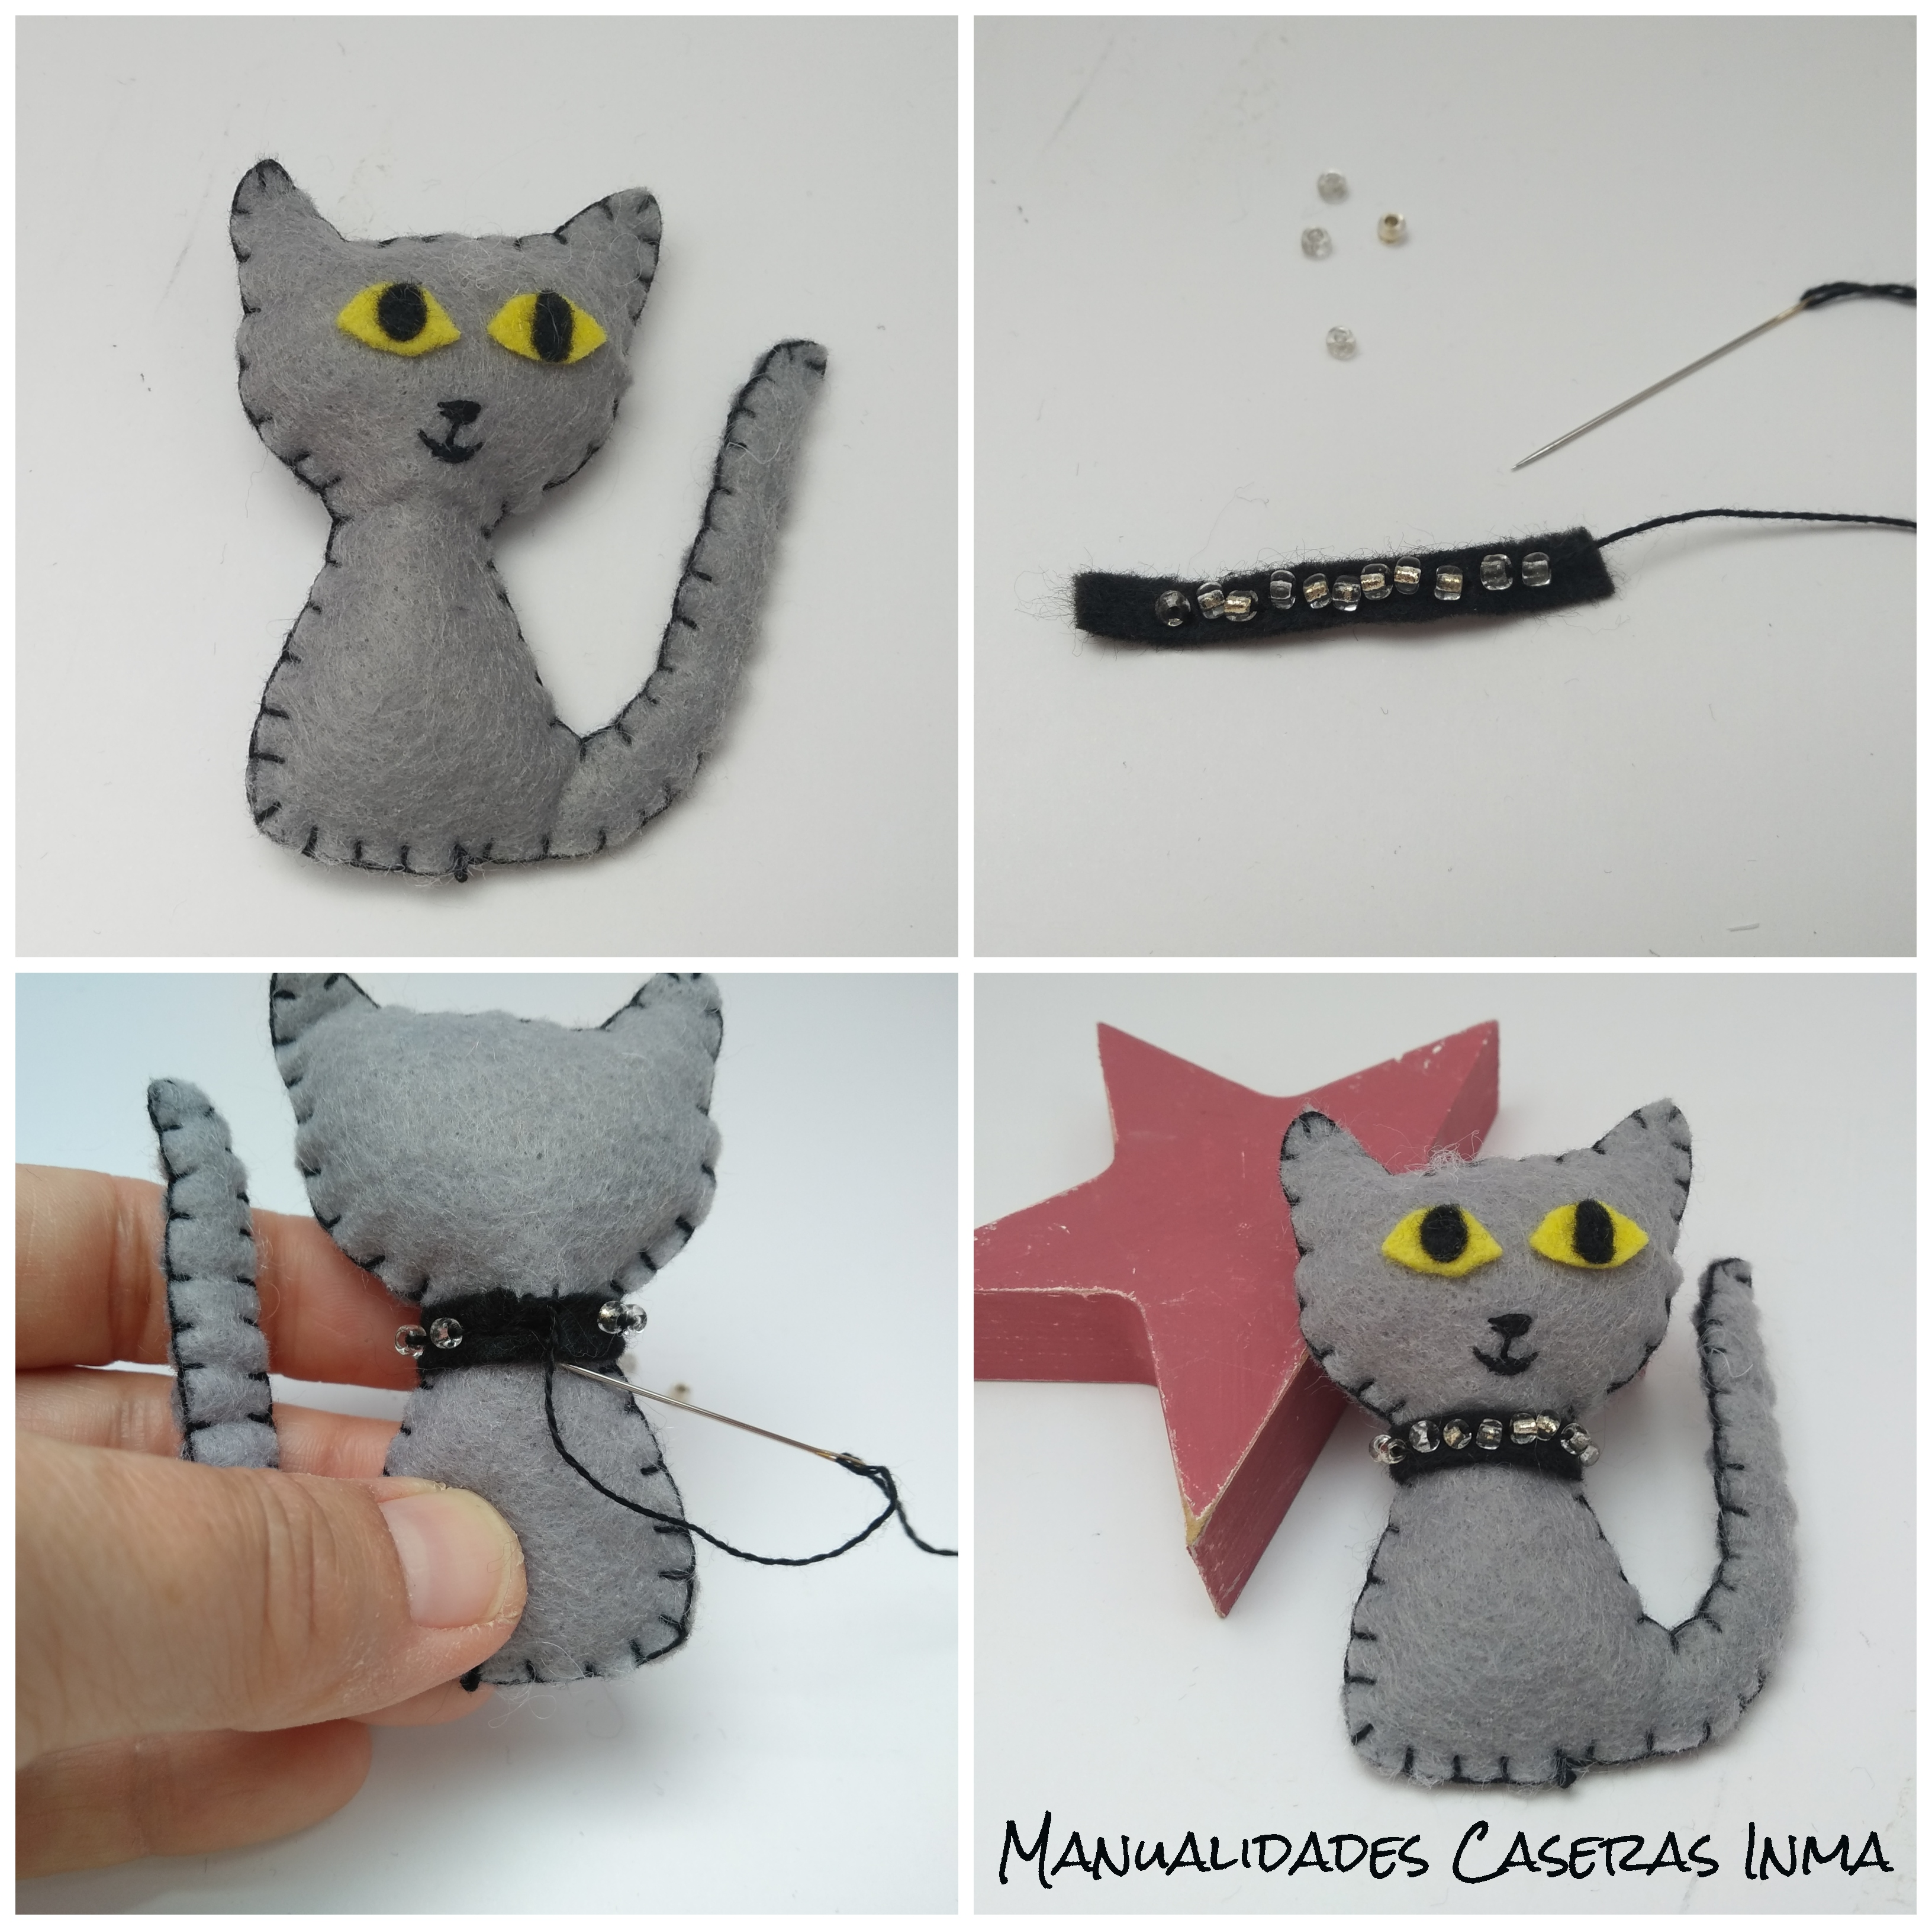 Manualidades Caseras Inma_ broche de gato_ Como hacer y poner el collar al broche de gato